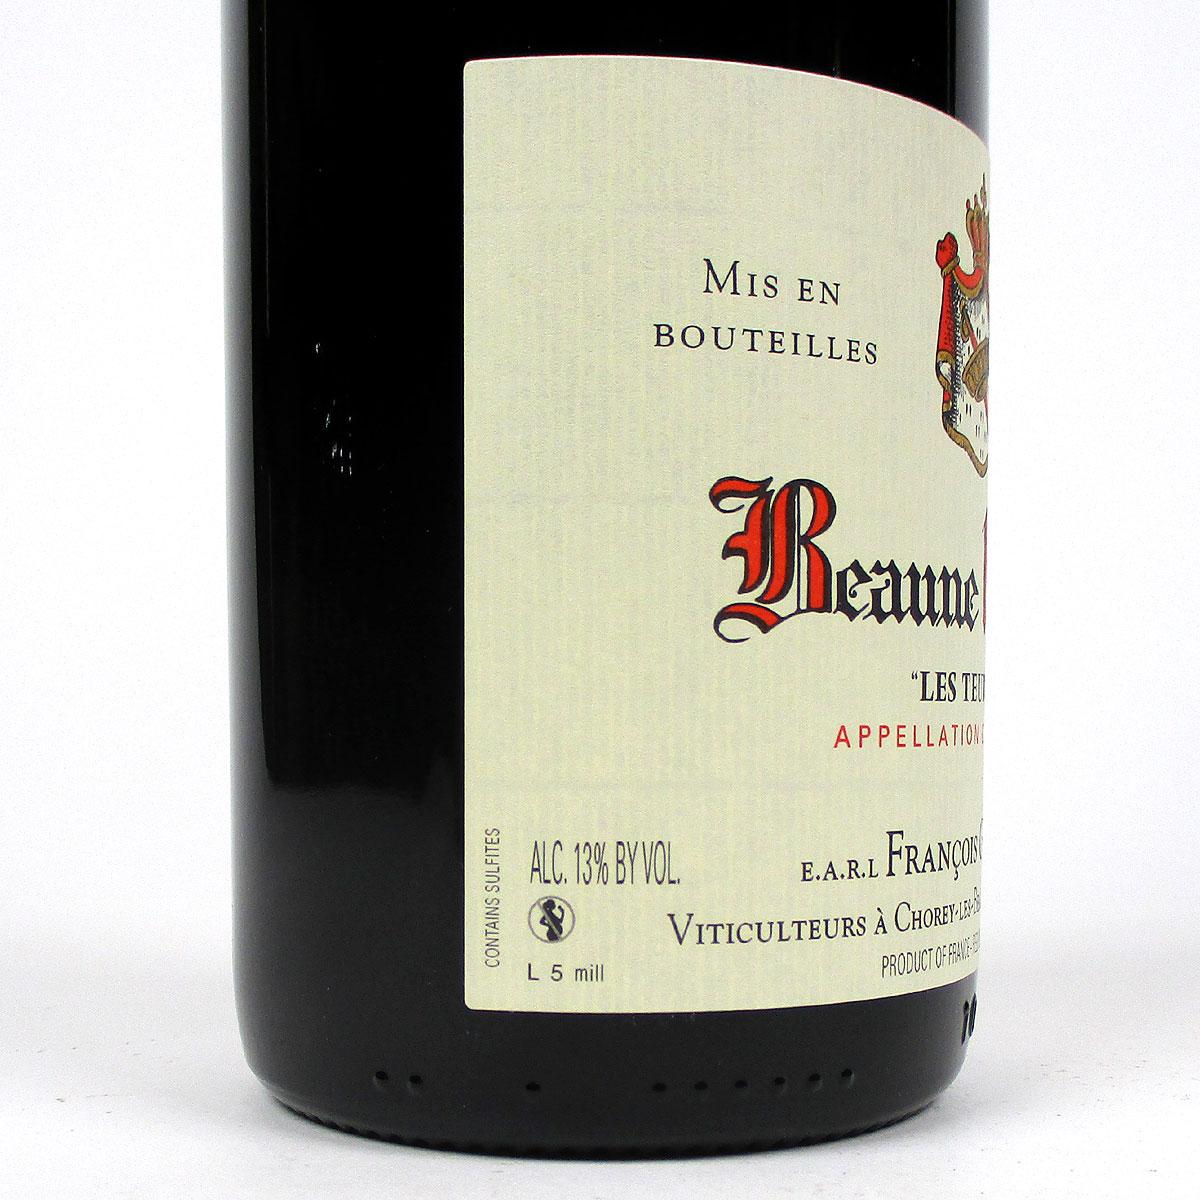 Beaune: Domaine François Gay & Fils 1er Cru 'Les Teurons' 2014 - Bottle Label Side